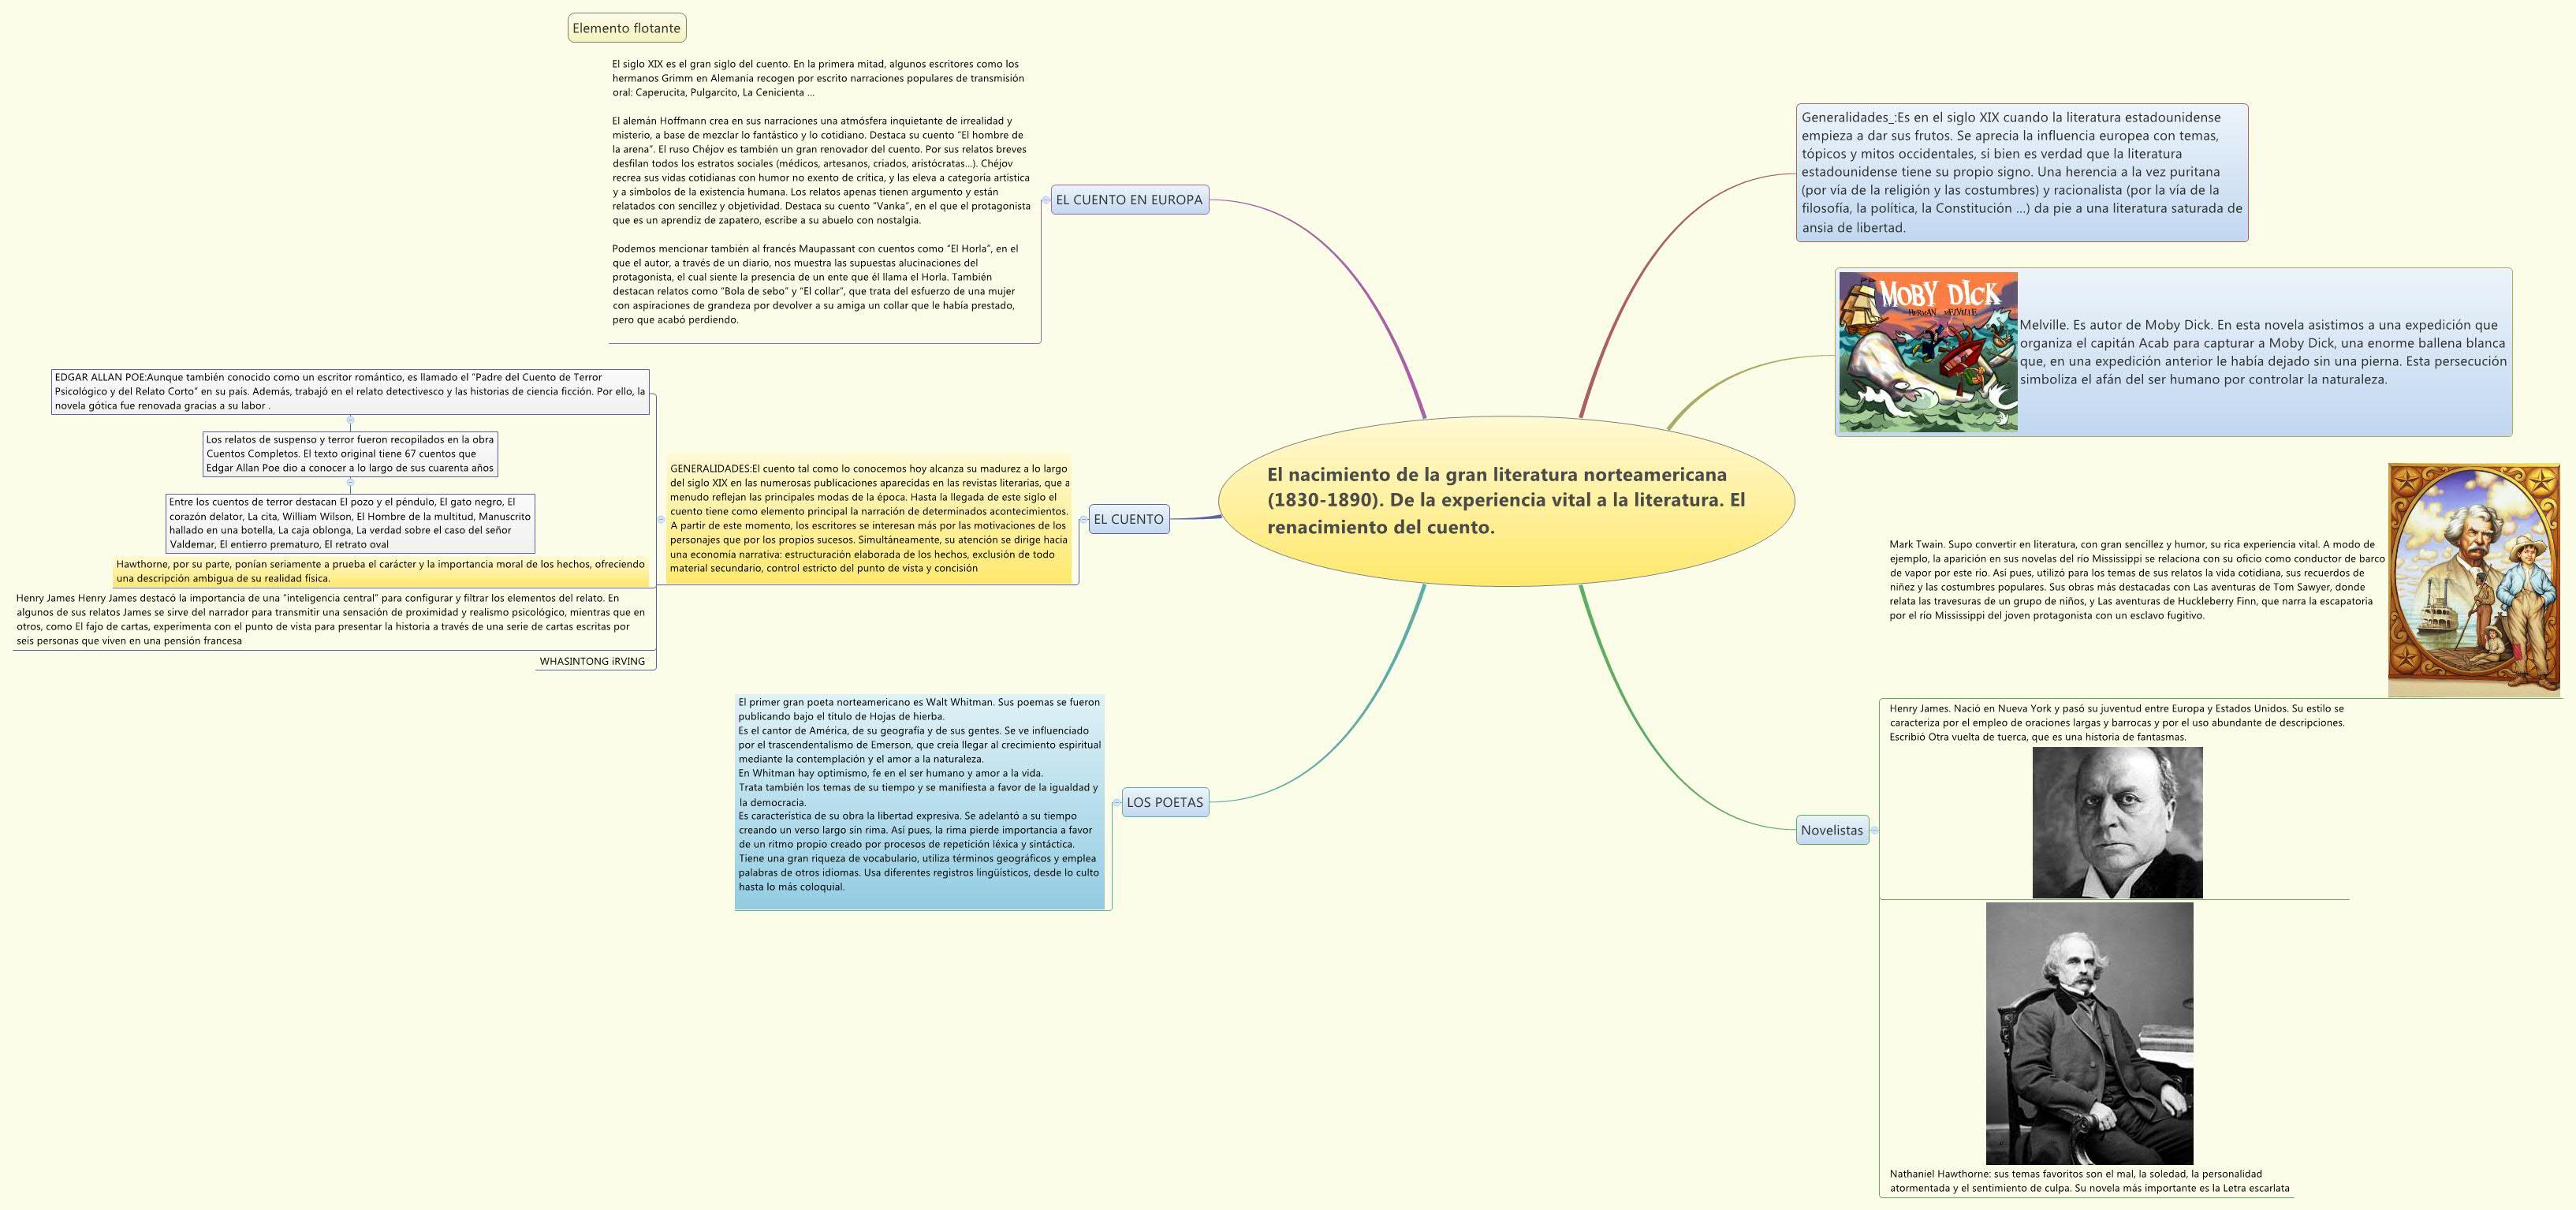 El nacimiento de la gran literatura norteamericana (1830-1890). De la experiencia vital a la literatura. El renacimiento del cuento.